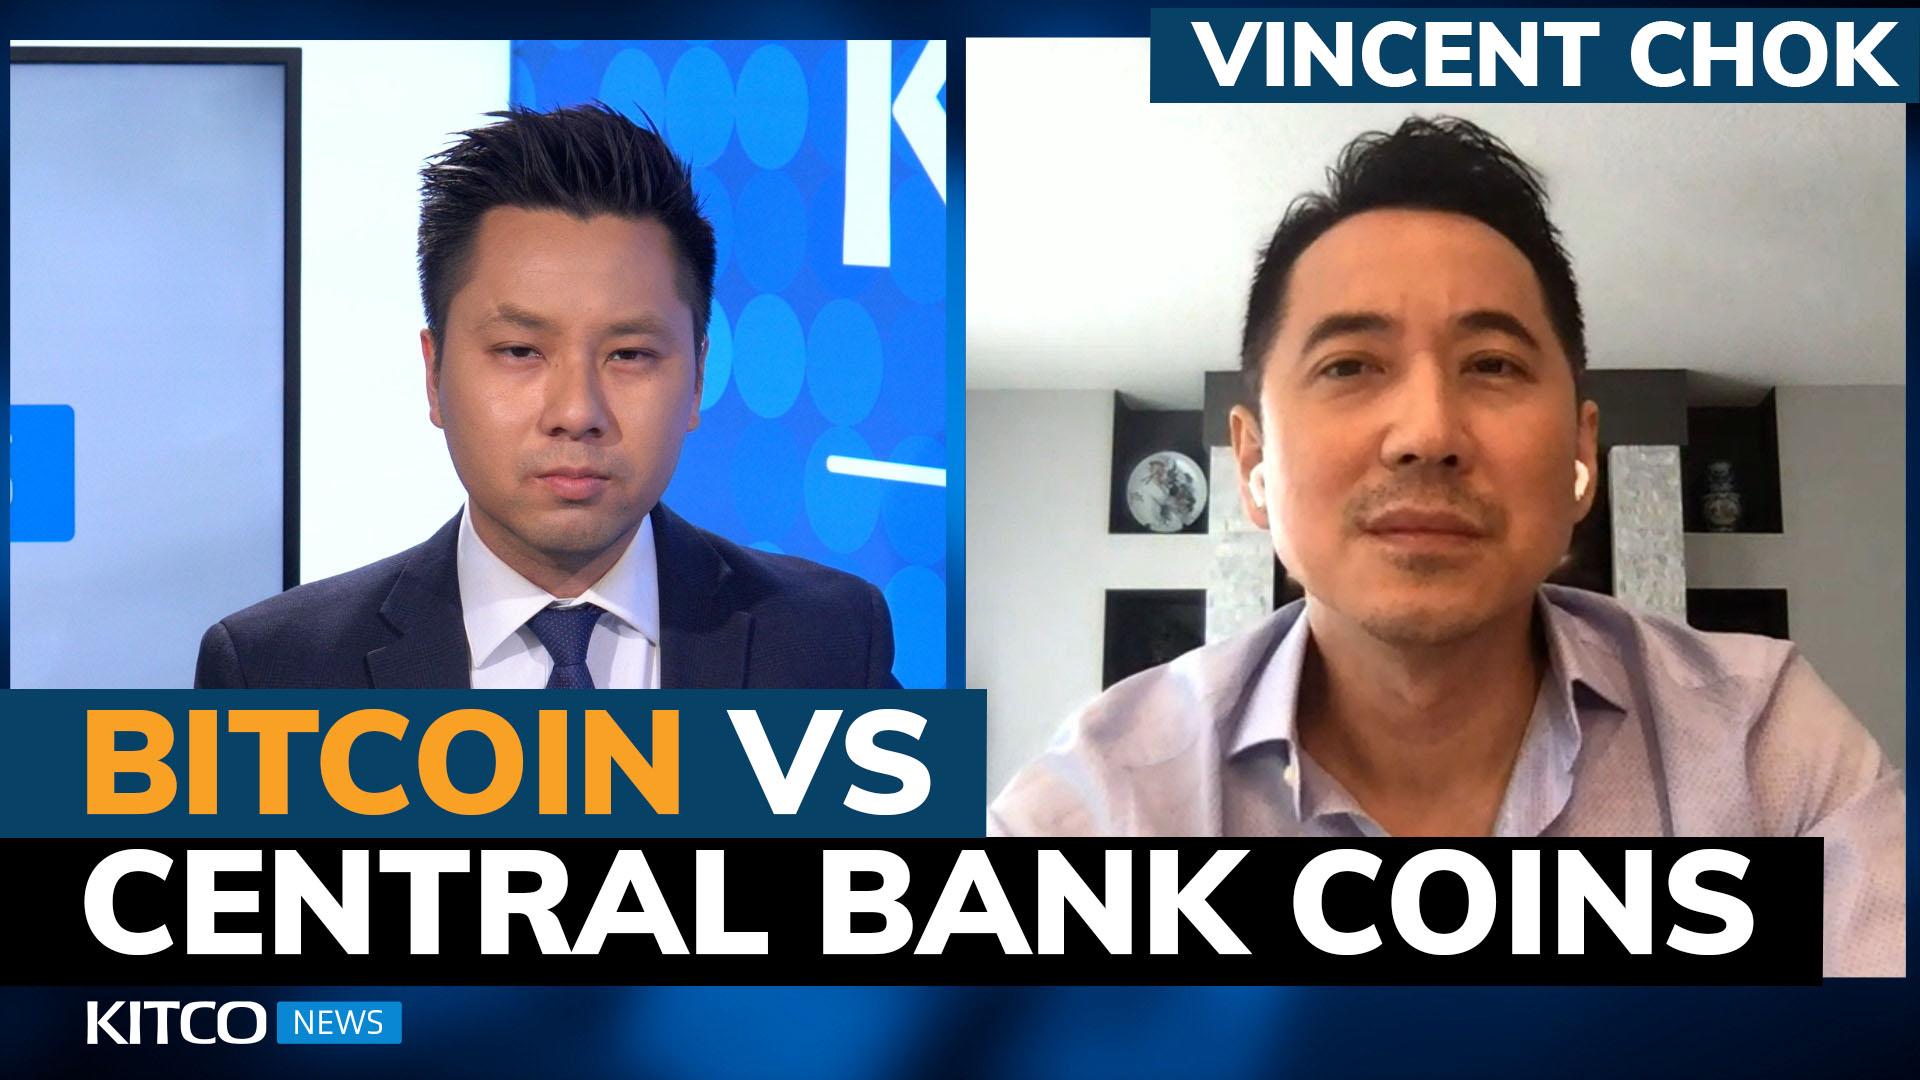 Bitcoin schuift naar dieptepunten van meerdere maanden terwijl China cryptocurrencies probeert te 'verbieden' – Vincent Chuck